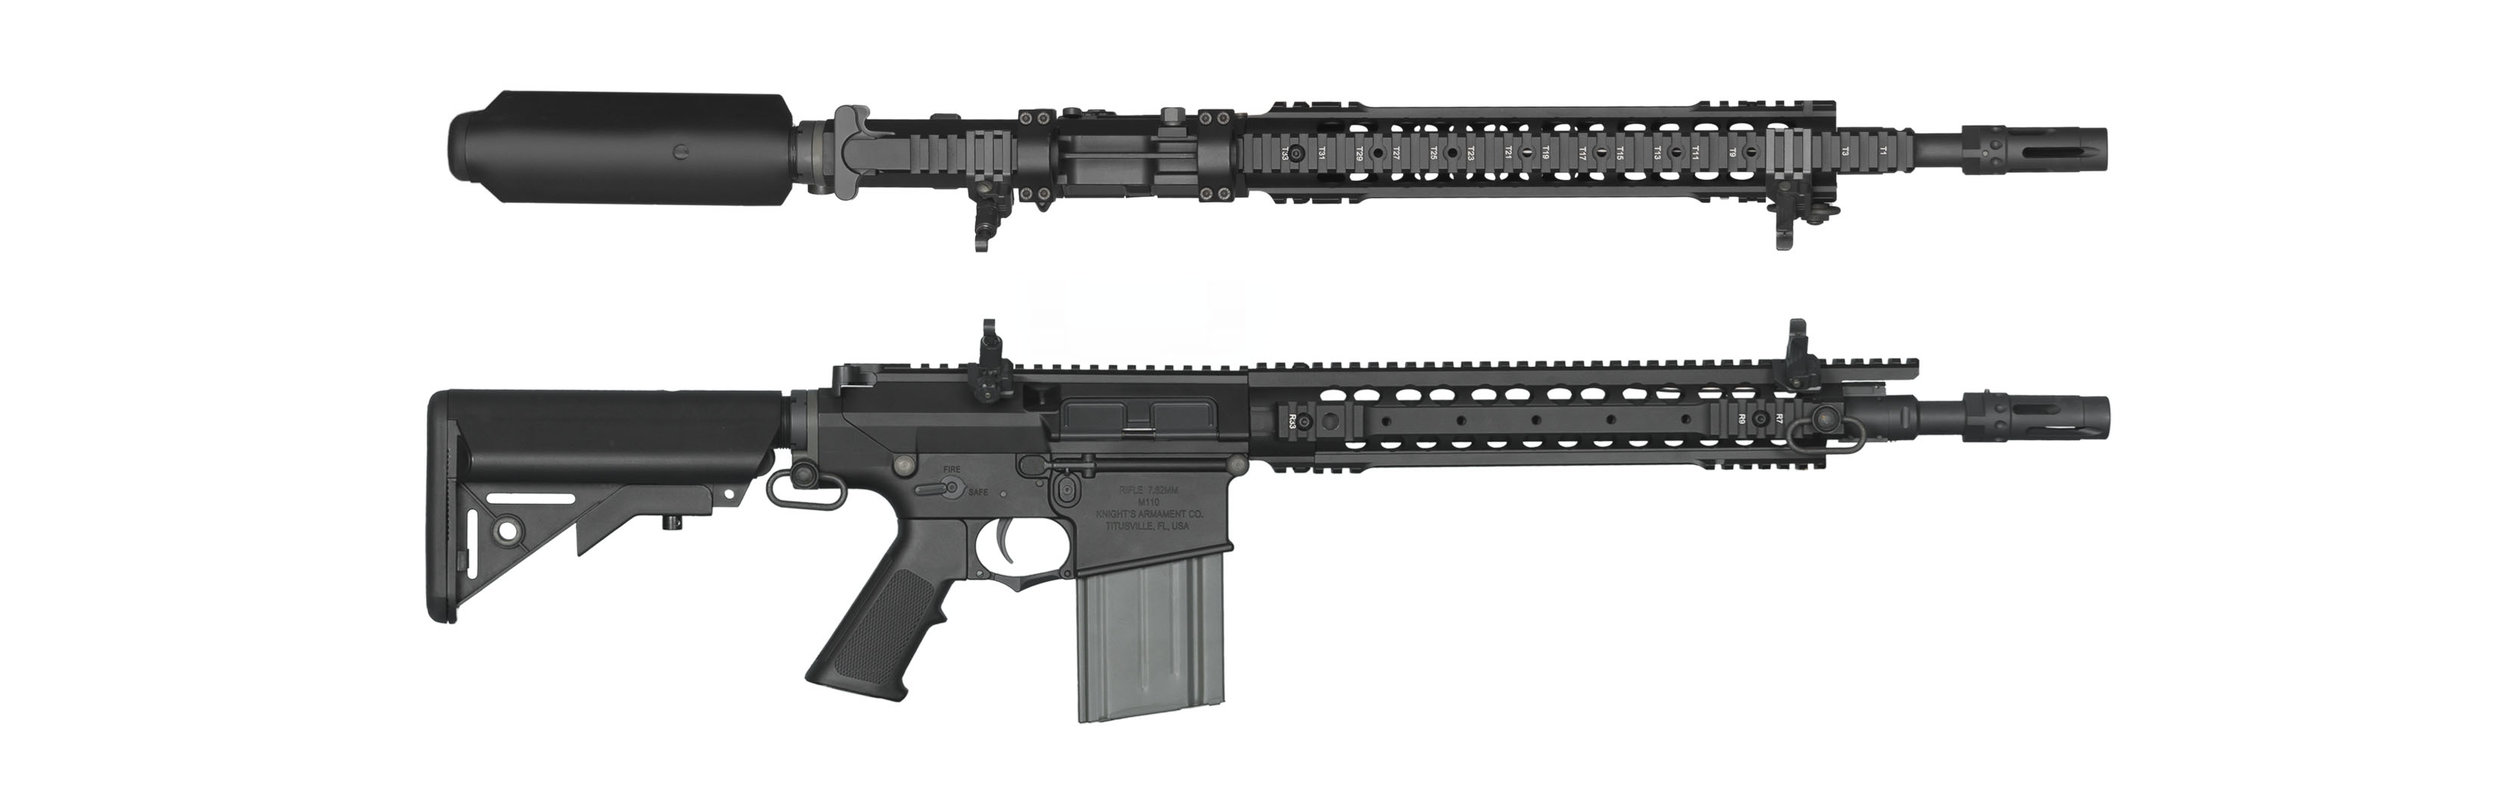 M110SASS-bk.jpg